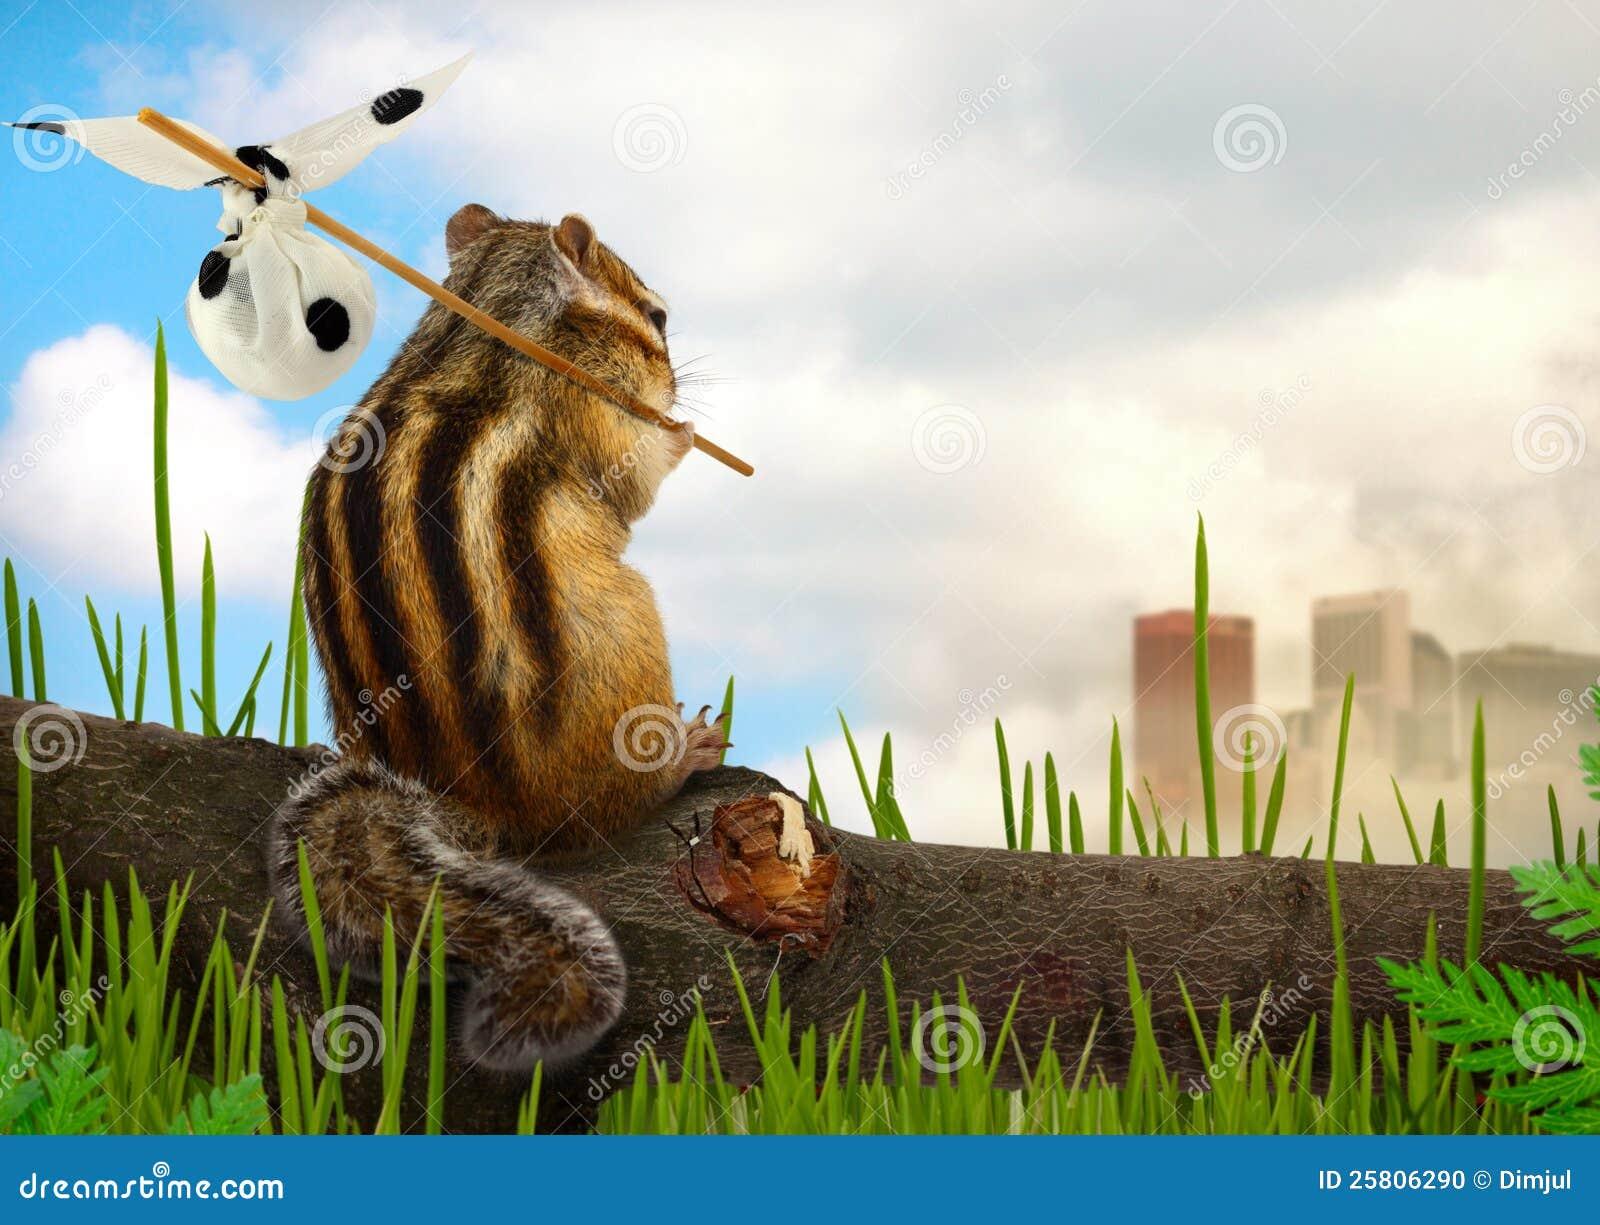 花栗鼠移出境者,生态概念